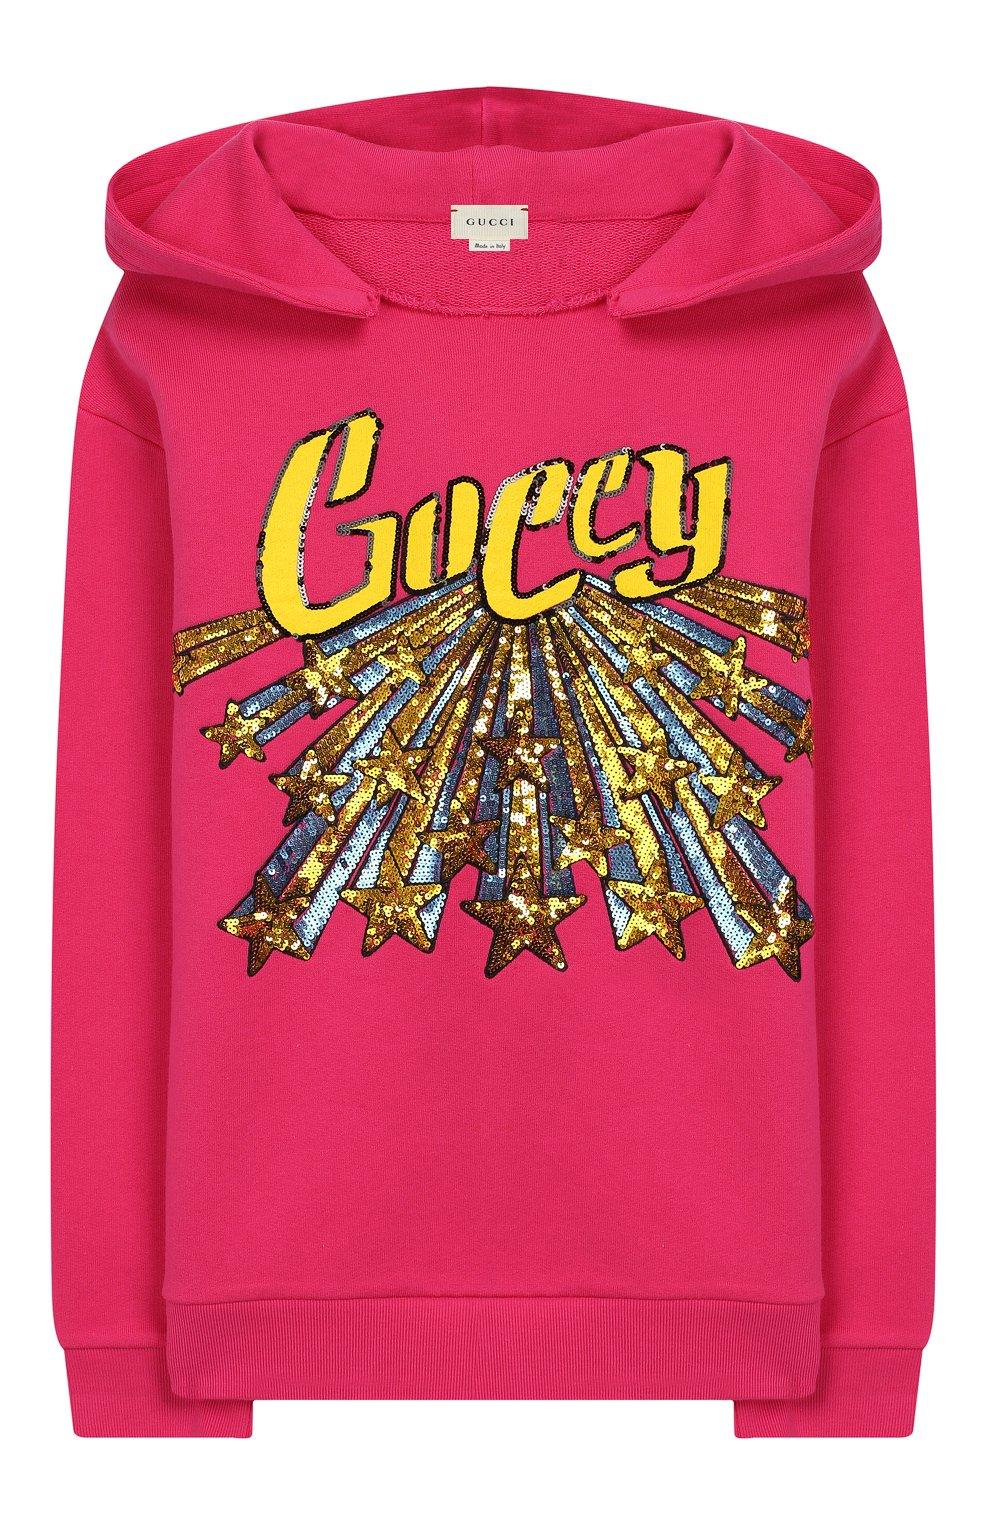 5a051c31859d Детские товары Gucci по цене от 3 800 руб. купить в интернет-магазине ЦУМ